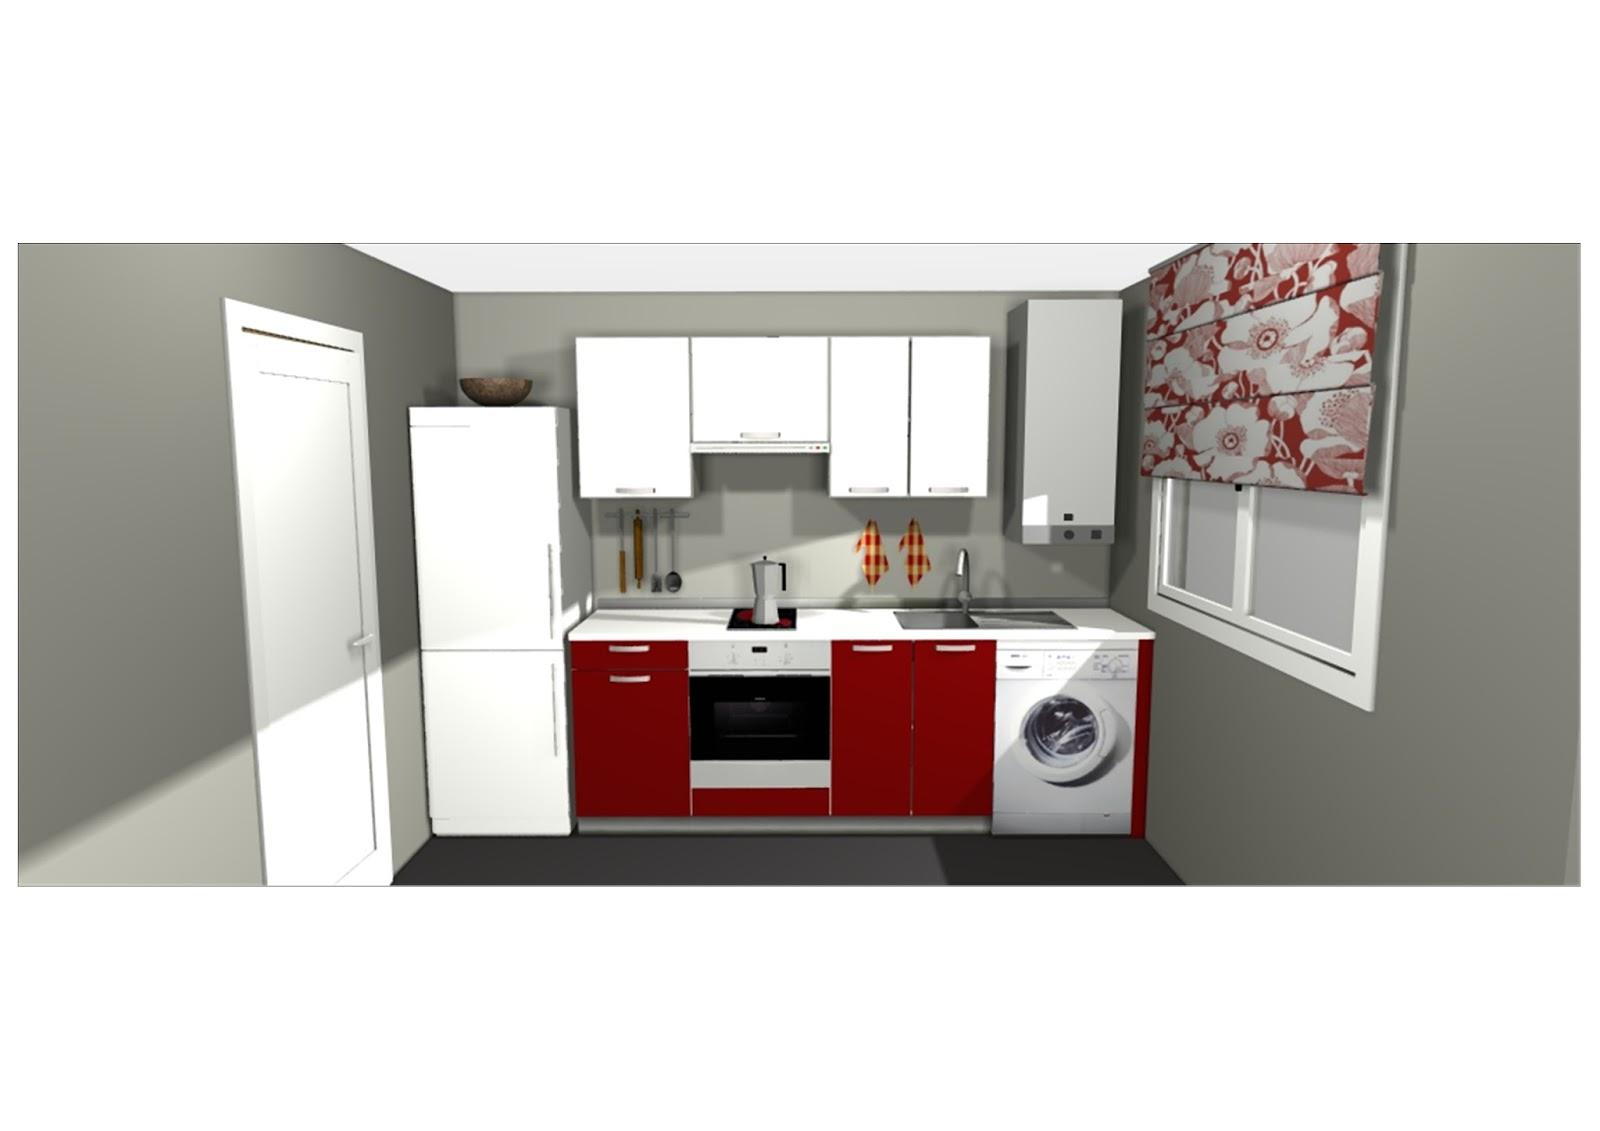 Plathoo dise o de cocinas y ba os 3d muebles de for Disenos para banos y cocinas